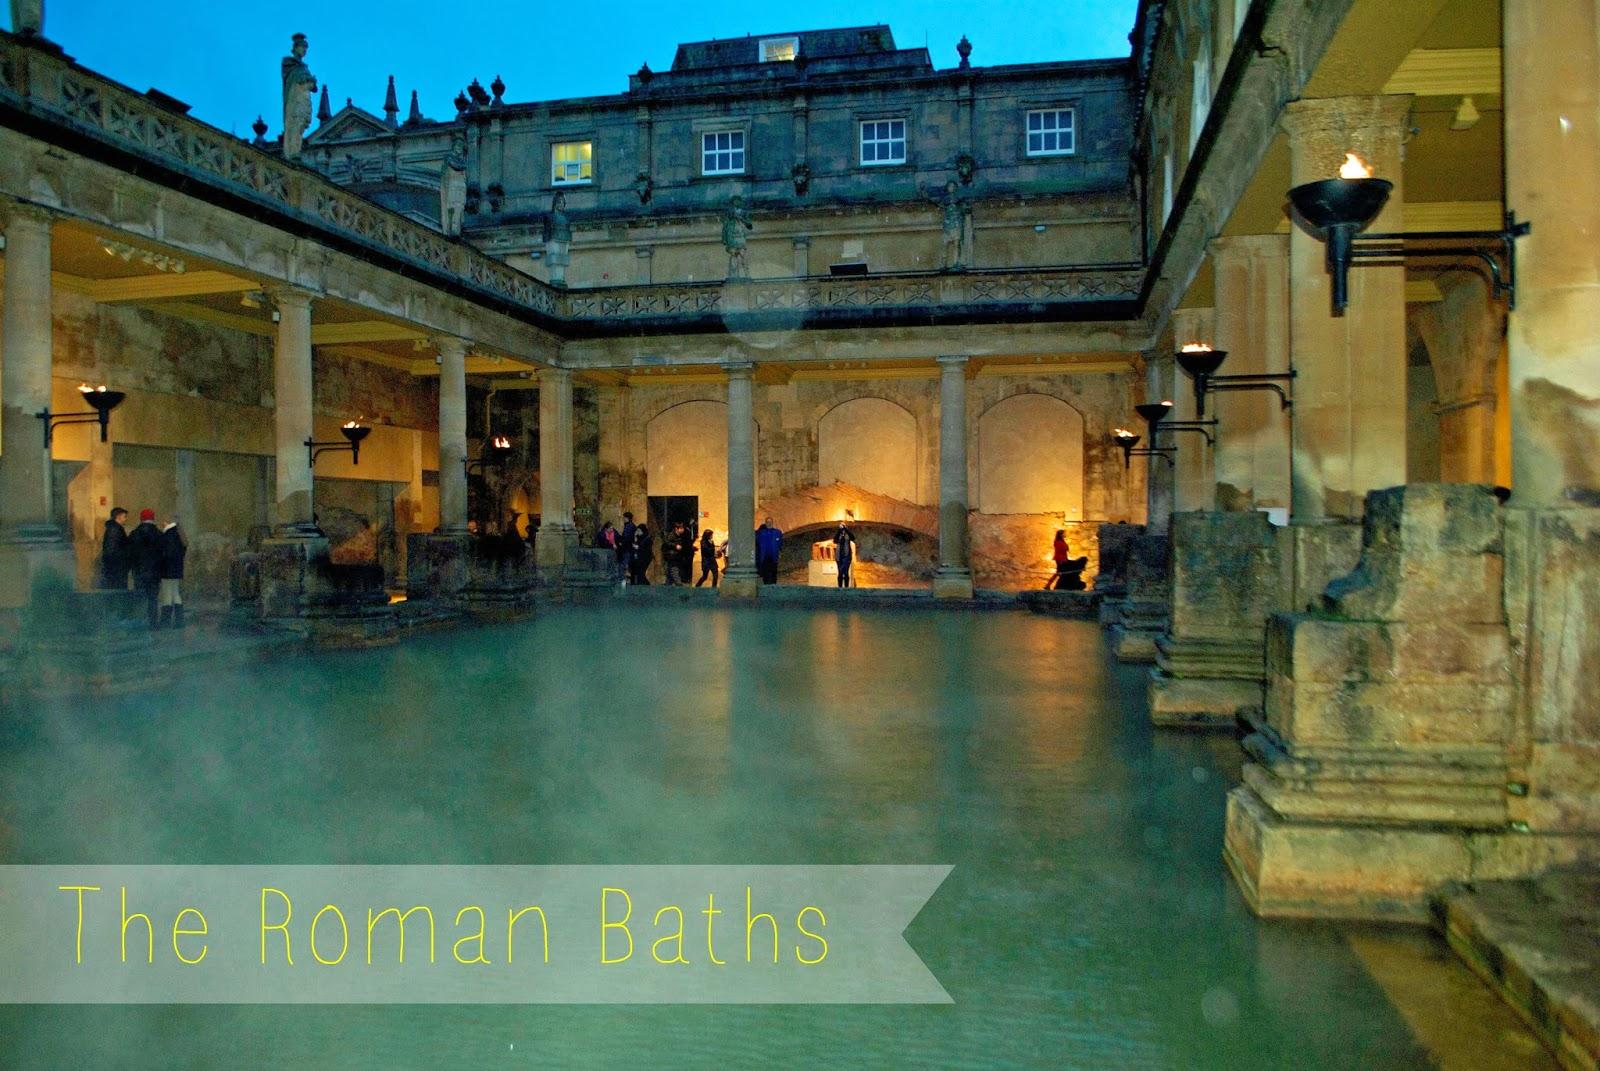 Roman Baths - Bath, England - Sacred Destinations Photos of roman baths